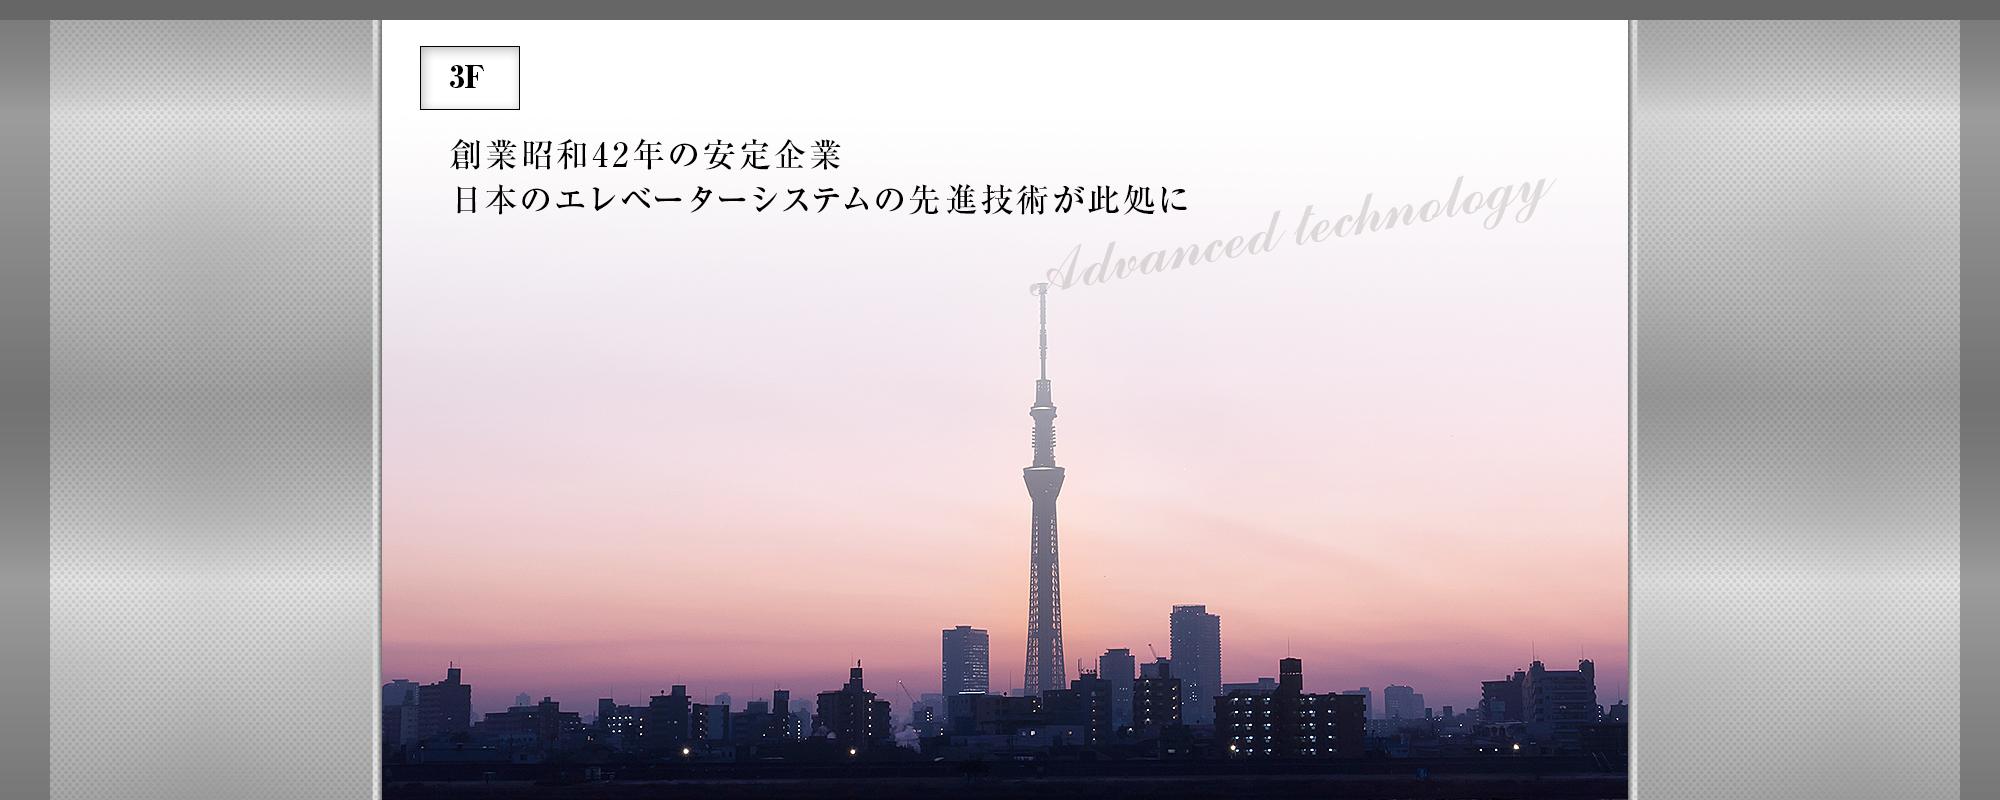 創業昭和49年の安定企業 日本のエレベーターシステムの先進技術が此処に